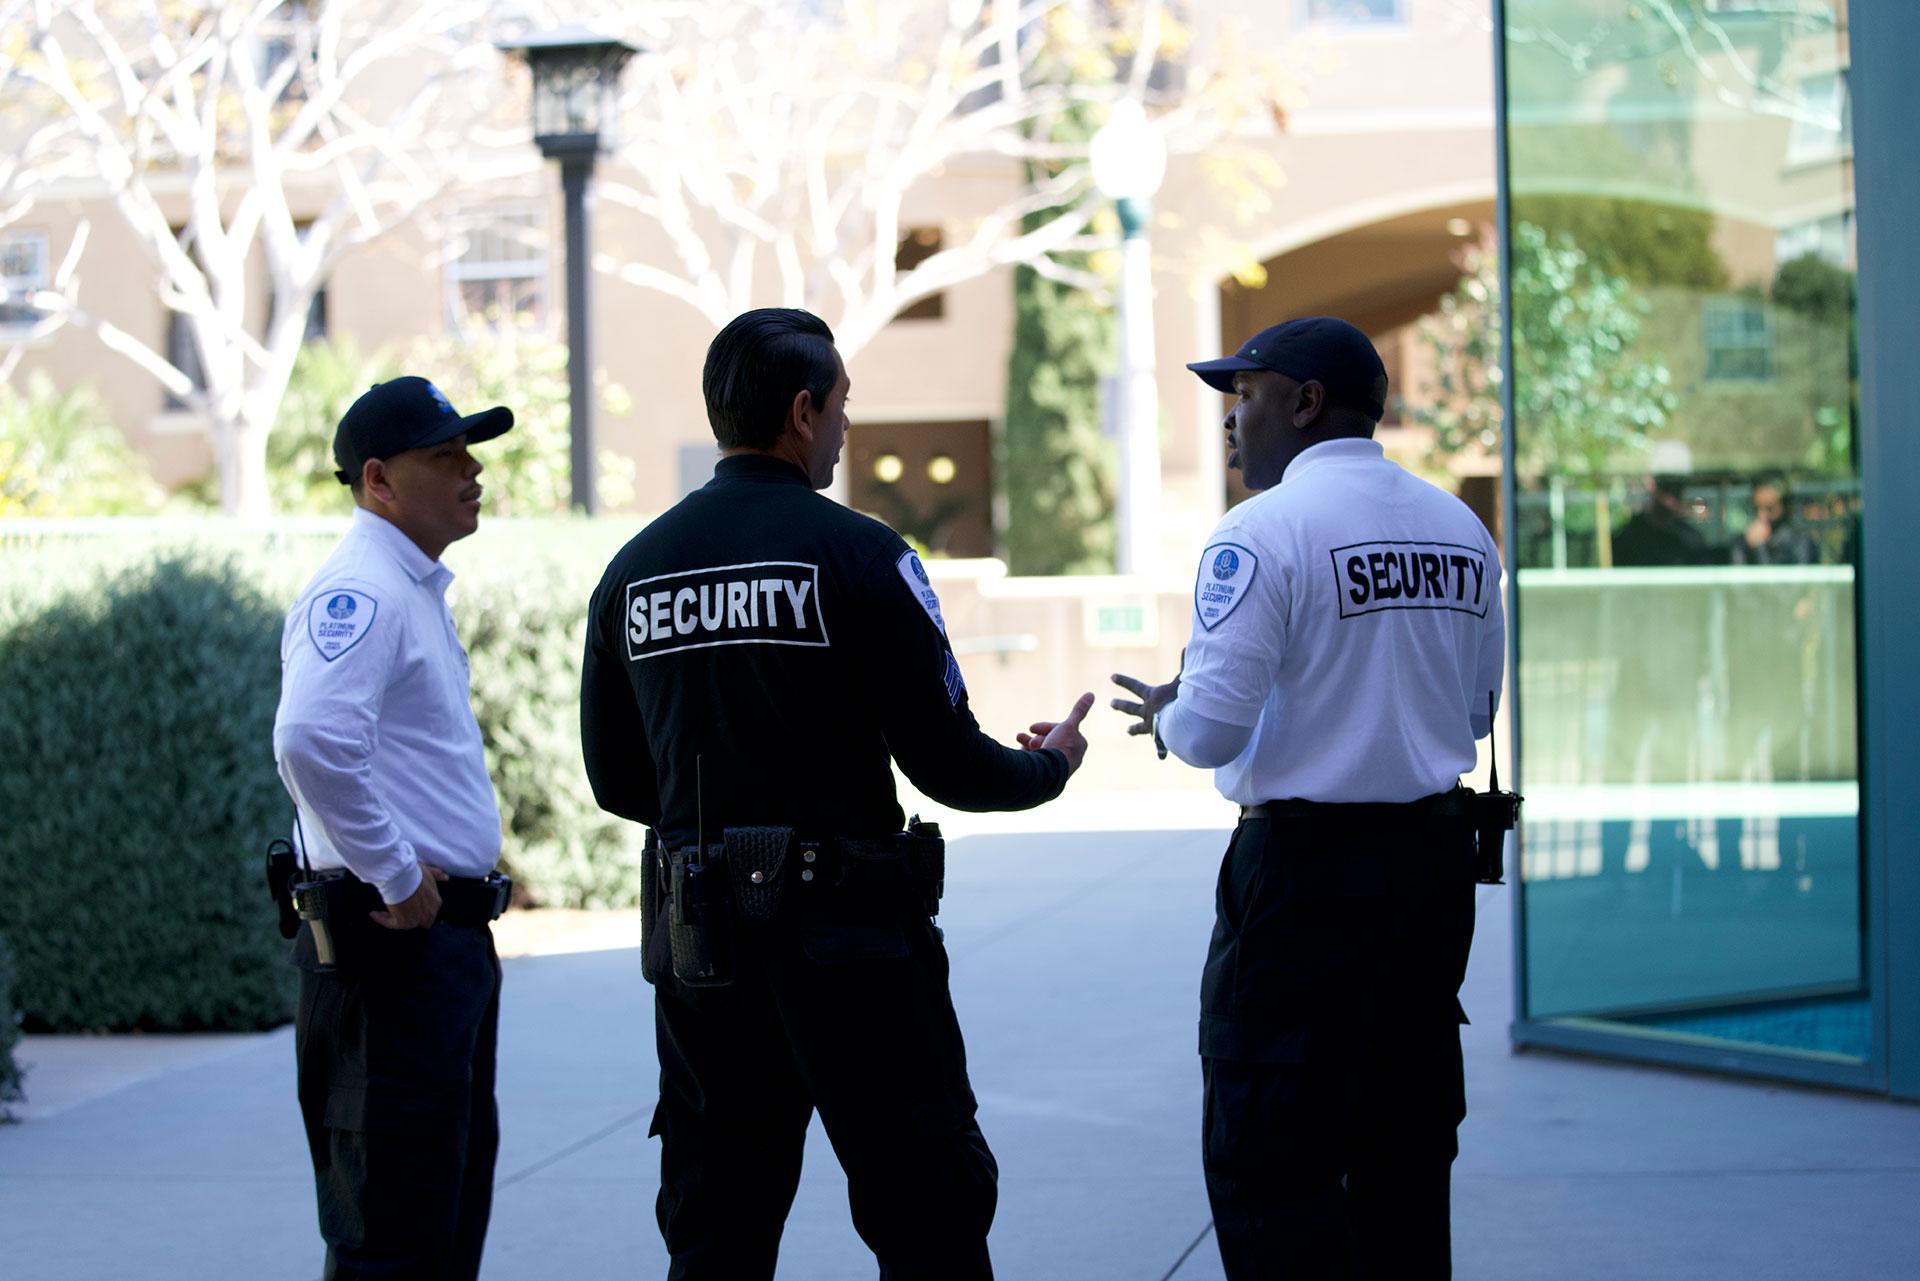 platinum security retail security